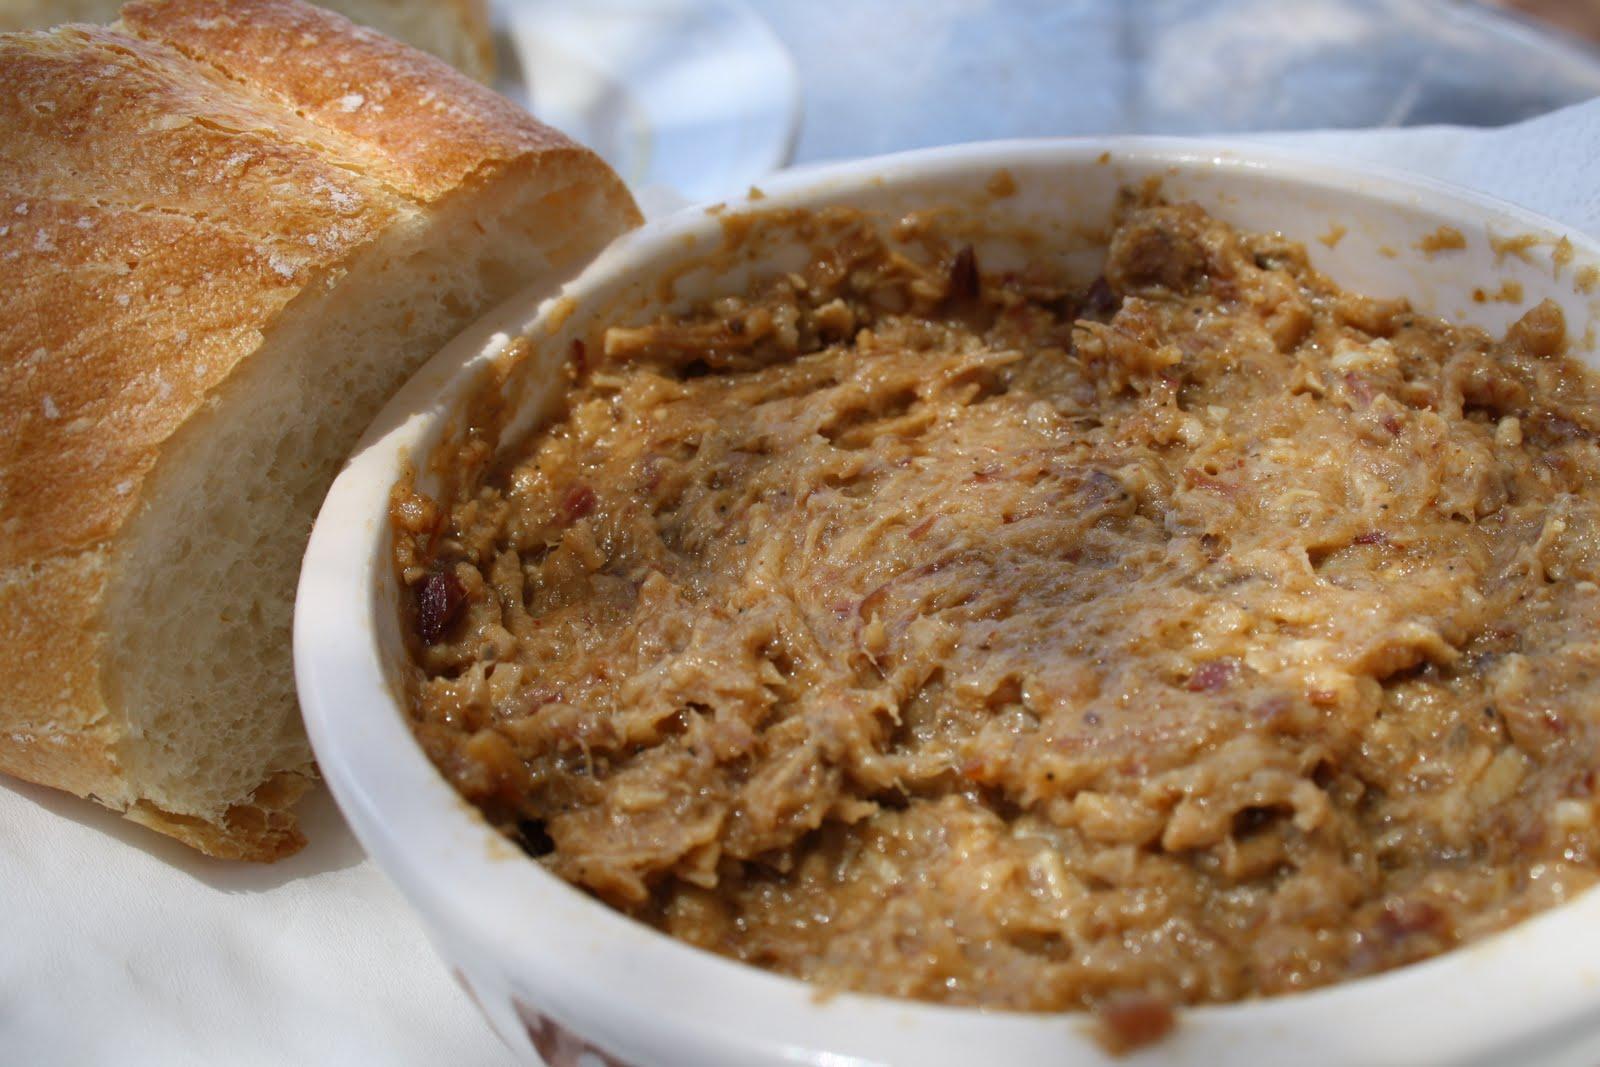 Qu comer en cuenca si vienes de visita a la ciudad de las casas colgadas - Cursos de cocina en cuenca ...